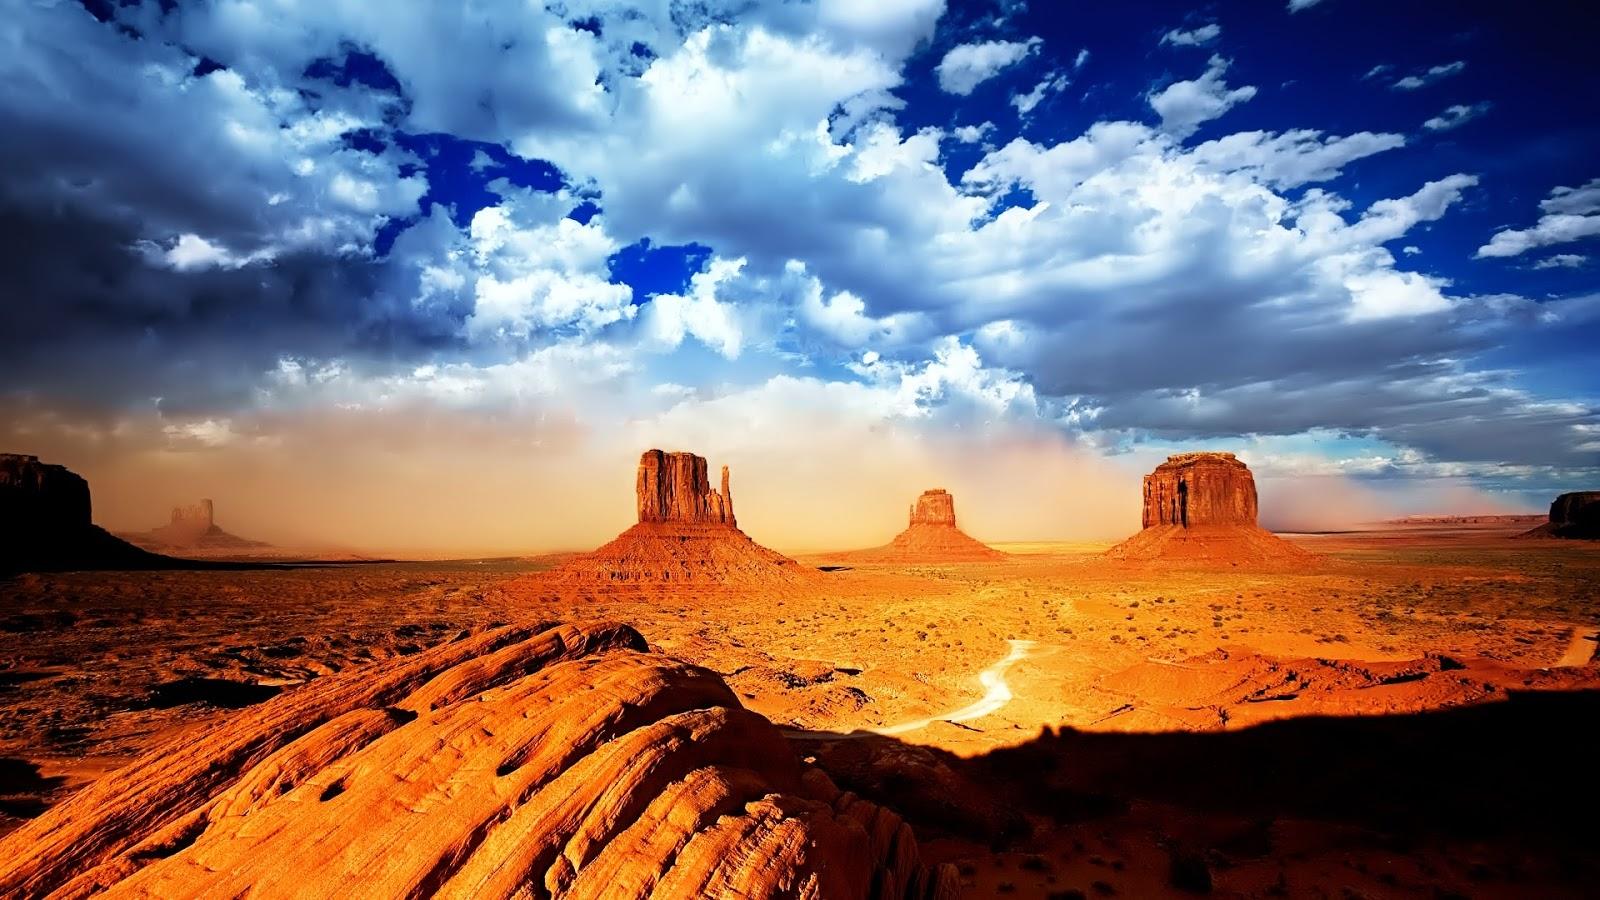 http://3.bp.blogspot.com/-ewnR3UFIMuY/T6EPIaHY78I/AAAAAAAAHiI/4xS_UYbxpk8/s1600/canyon-wallpapers_25980_1920x1080.jpg